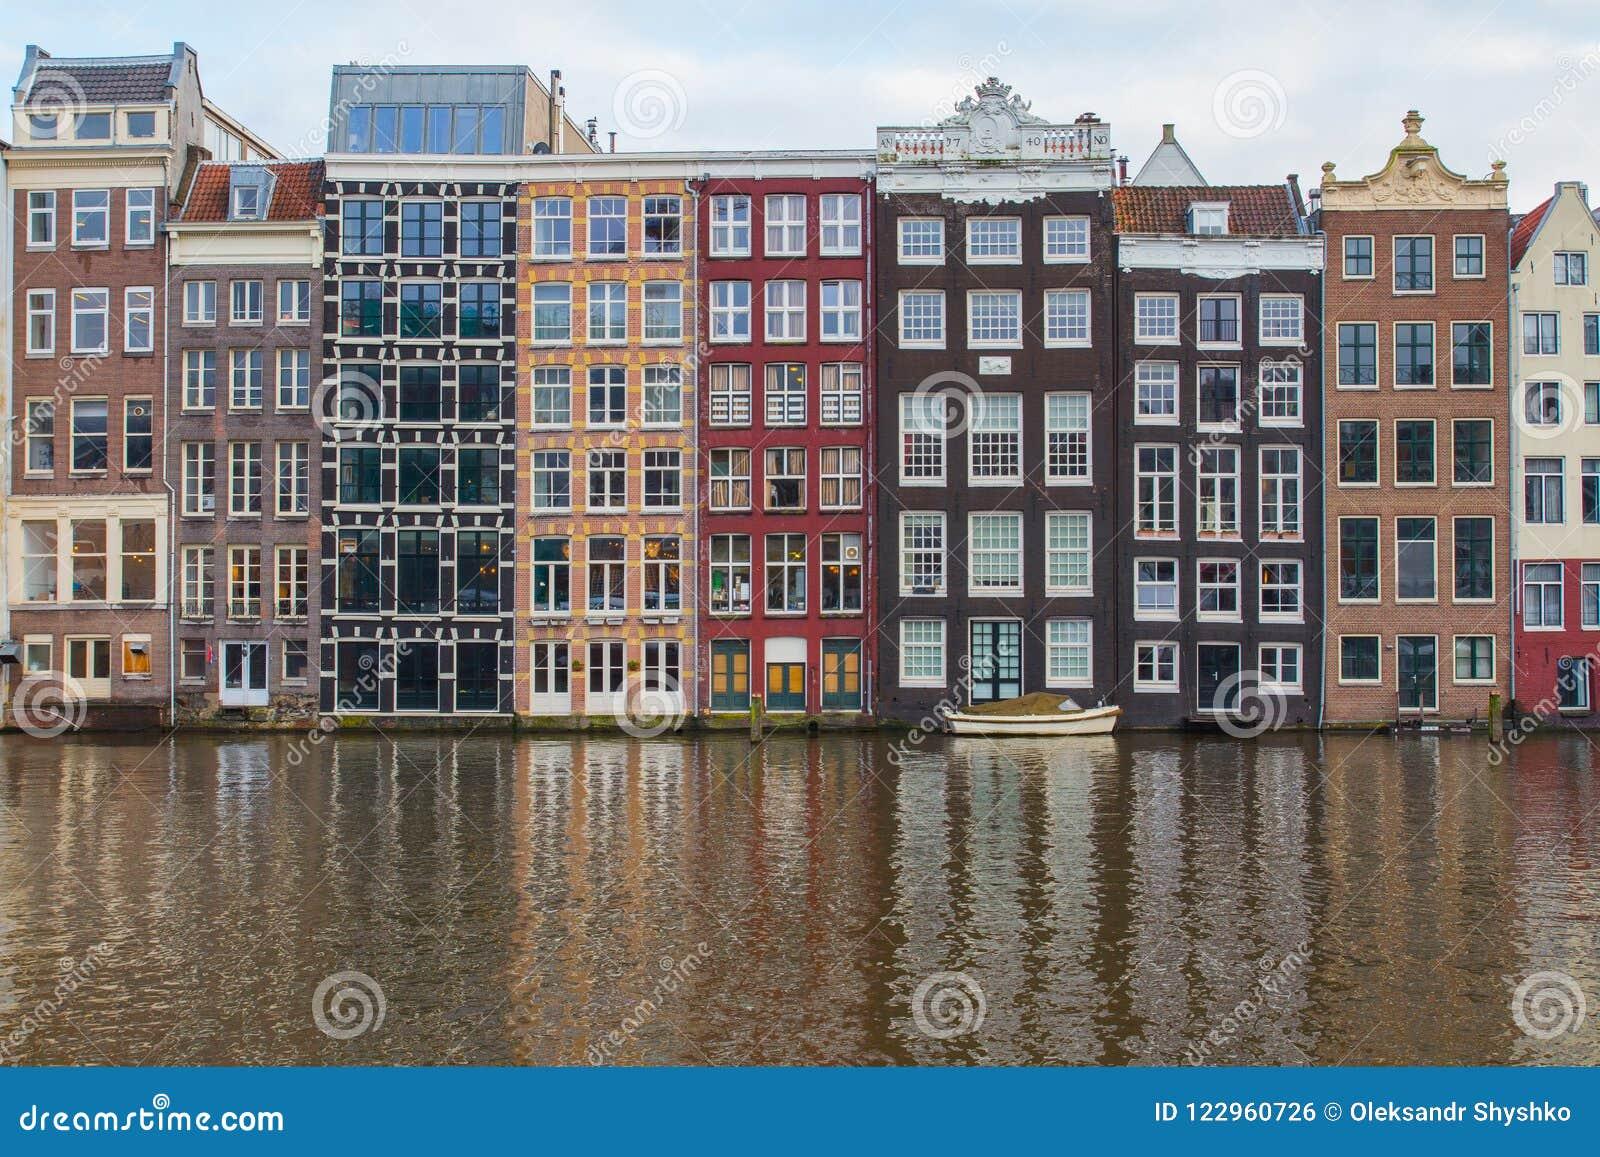 Традиционные голландские дома на банках канала в центре Амстердама Нидерланды